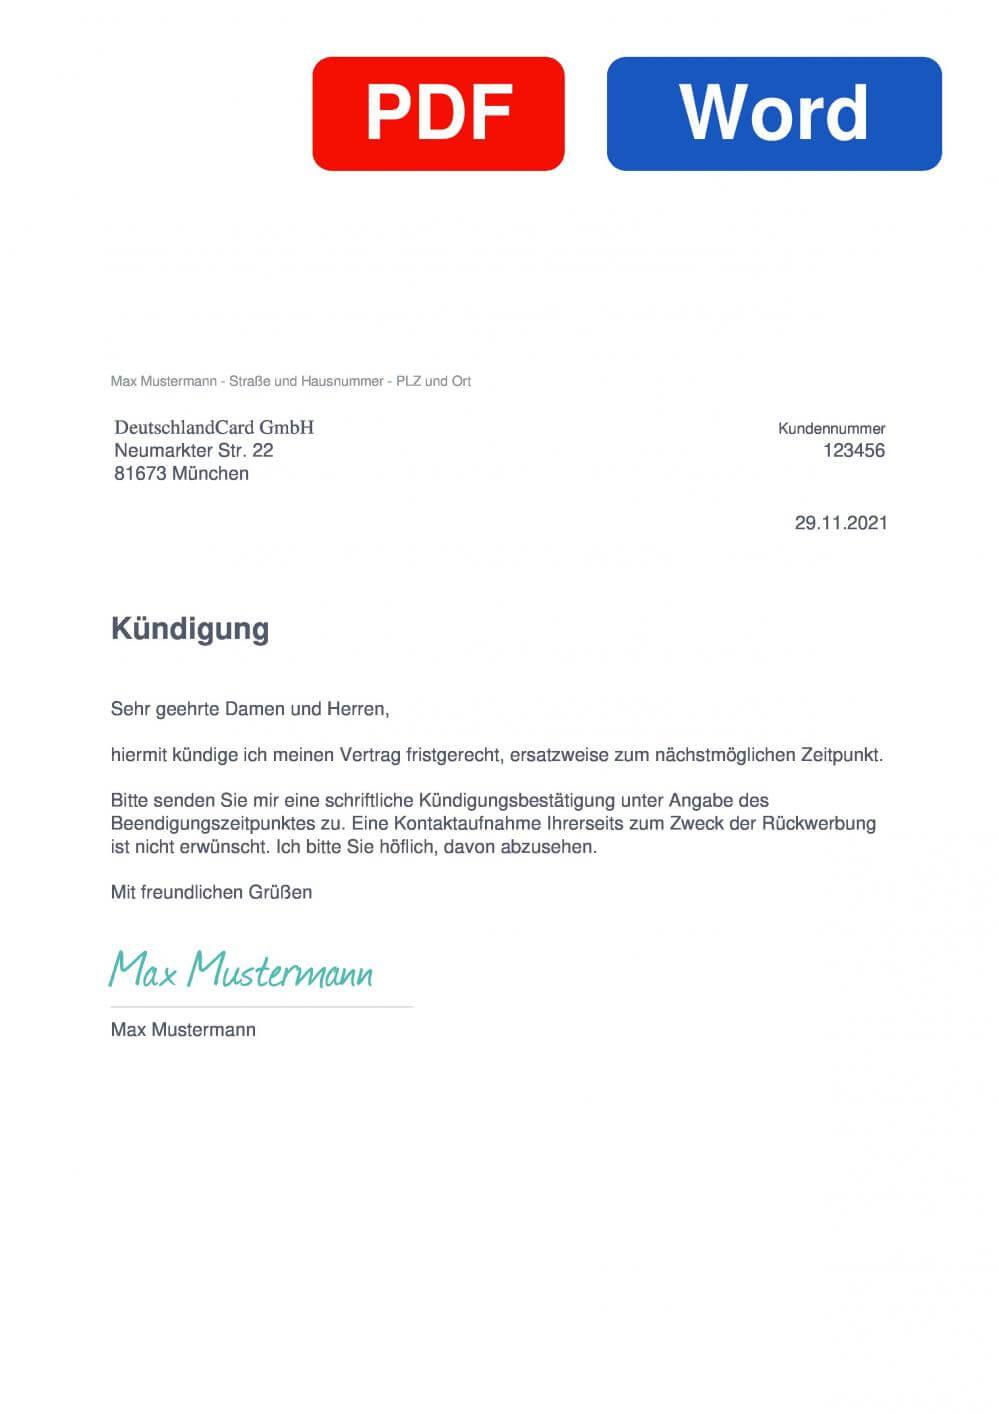 Deutschlandcard Muster Vorlage für Kündigungsschreiben